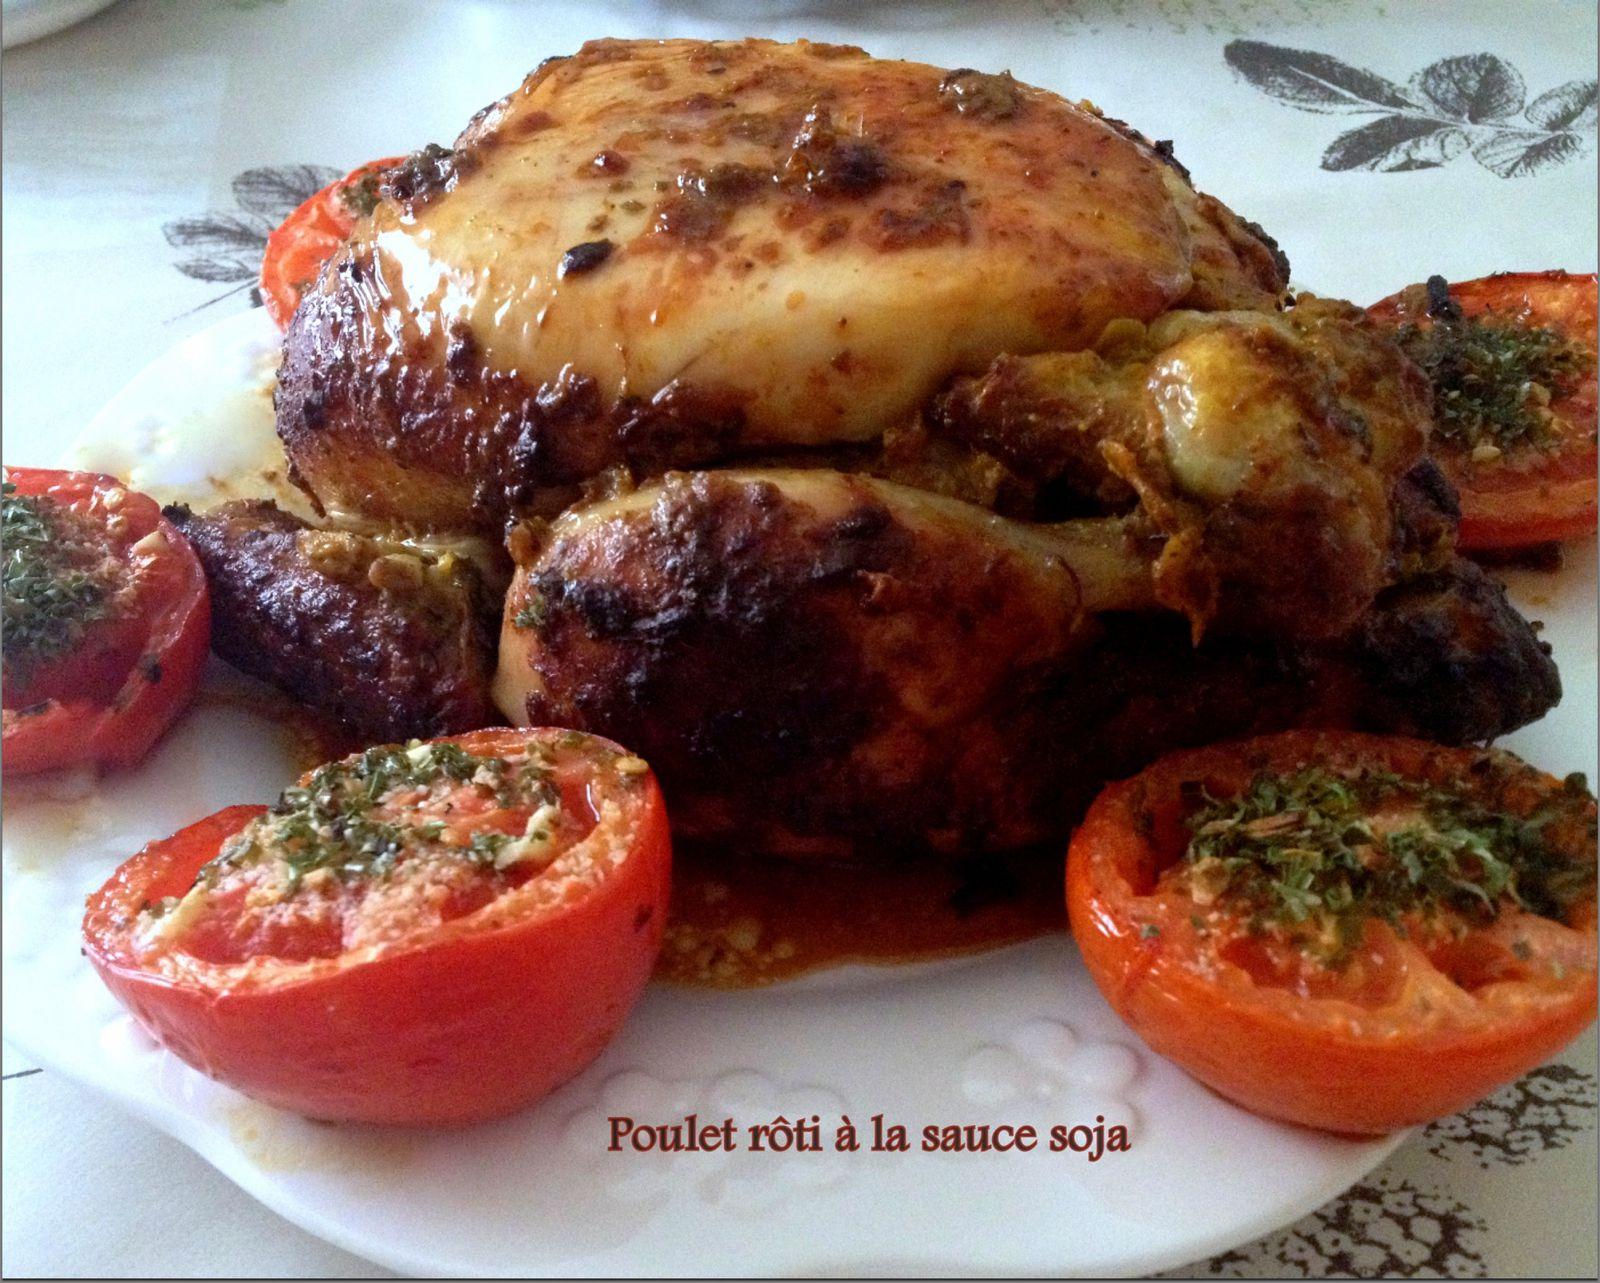 - Cuisiner un poulet entier ...